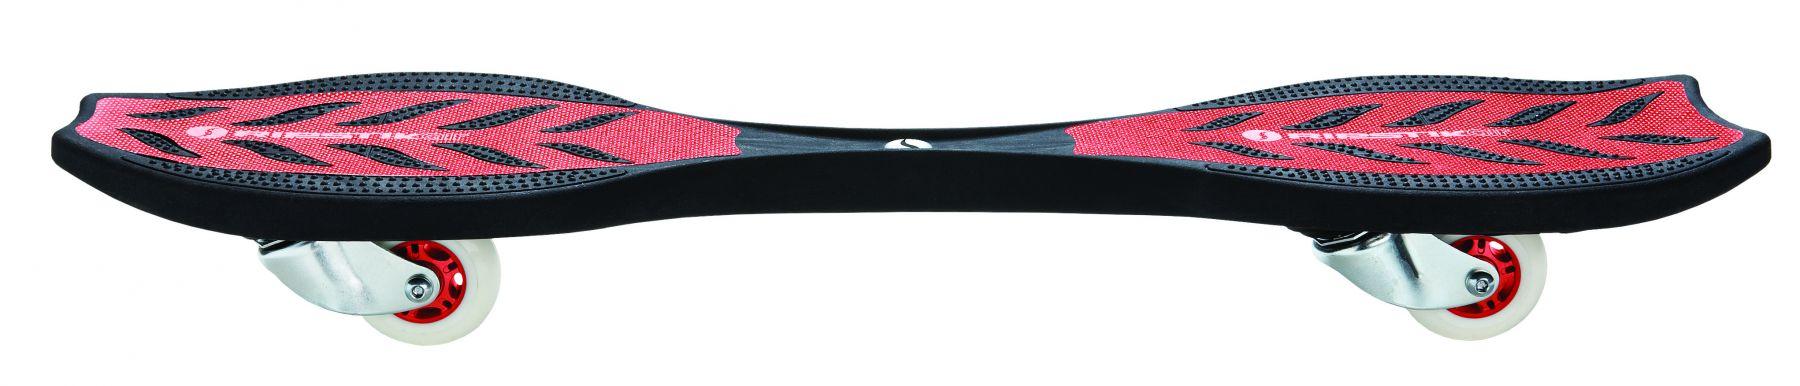 Роллерсерф Razor RipStik Air Pro красный купить в москве